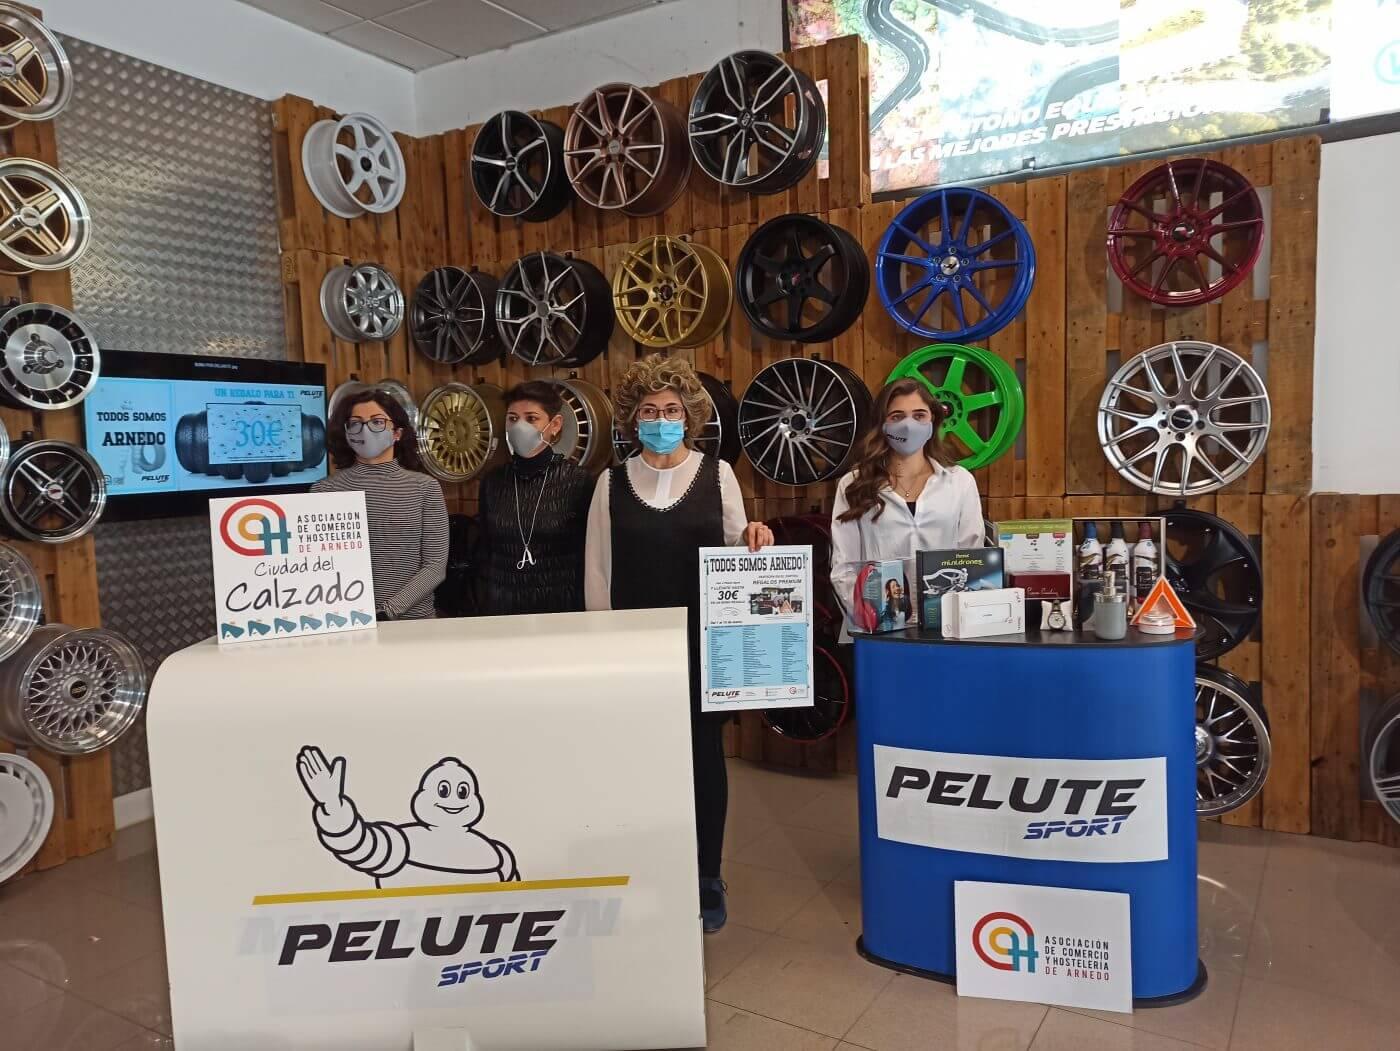 Pelute Sport pone en marcha una campaña de bonos para incentivar el consumo en el comercio y la hostelería de Arnedo